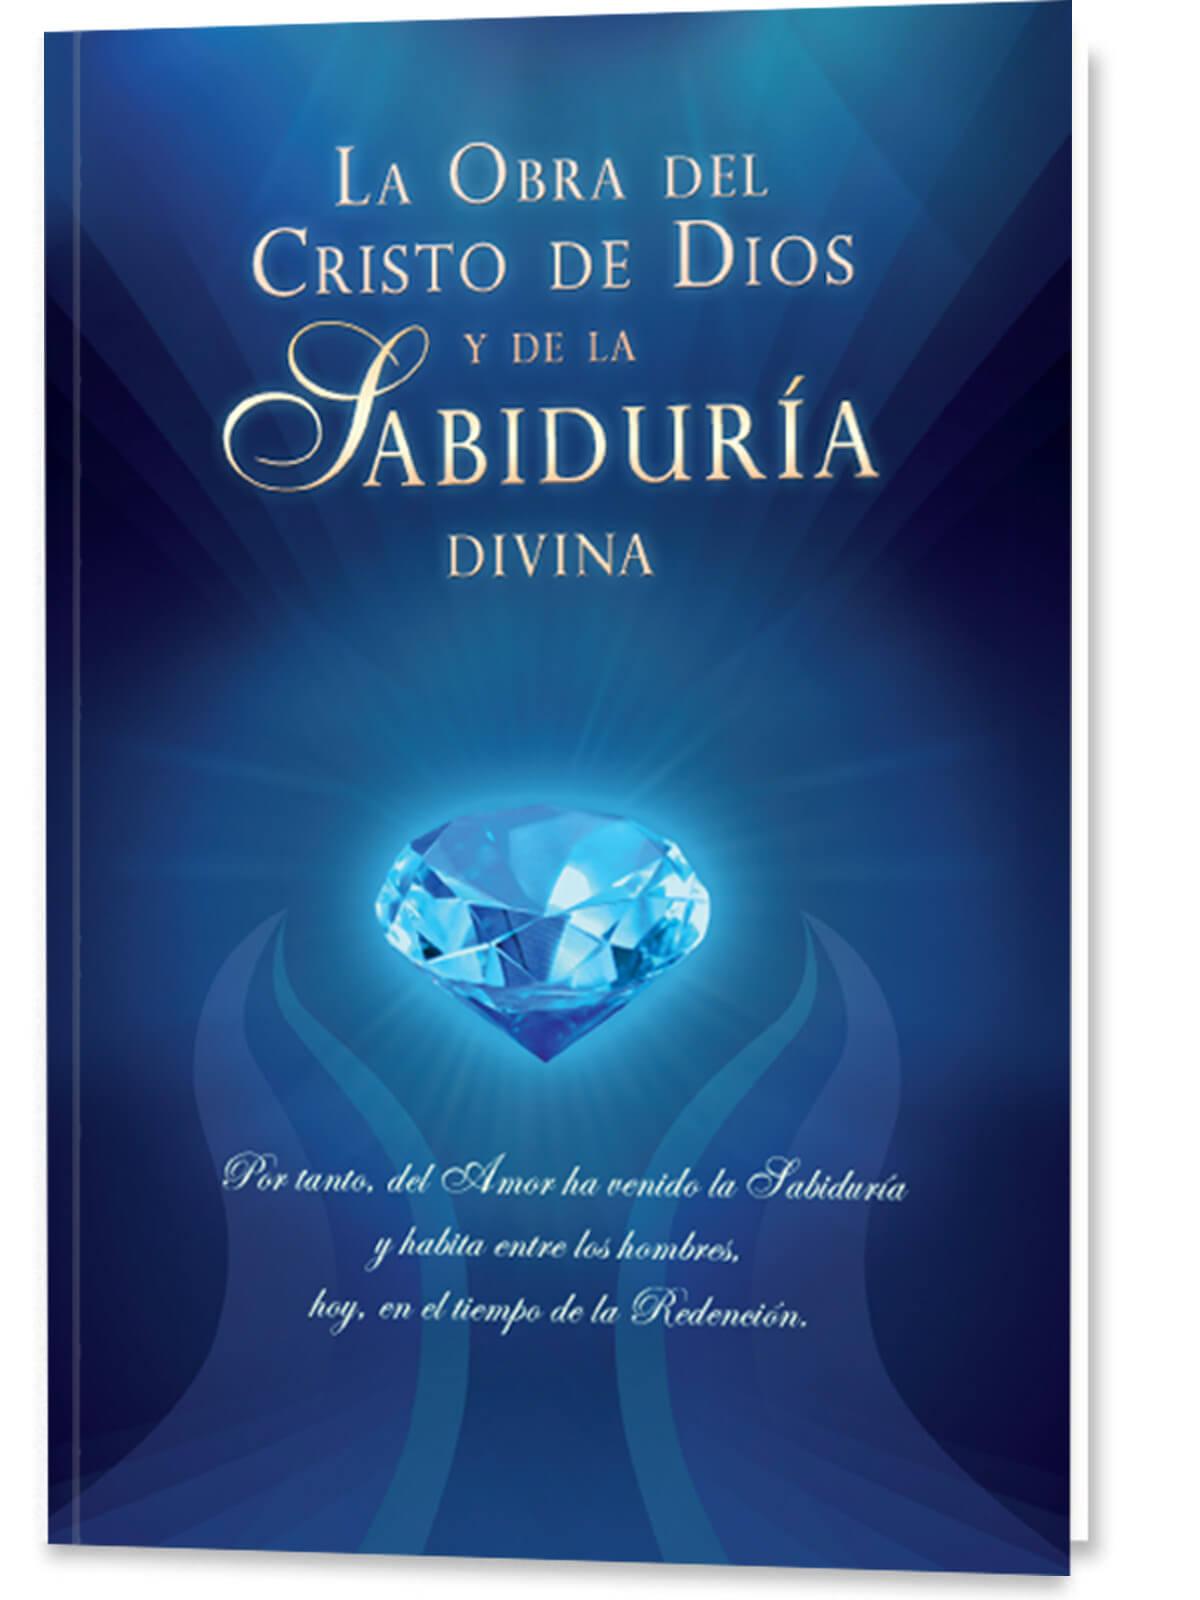 La obra del Cristo de Dios y de la Sabiduría divina